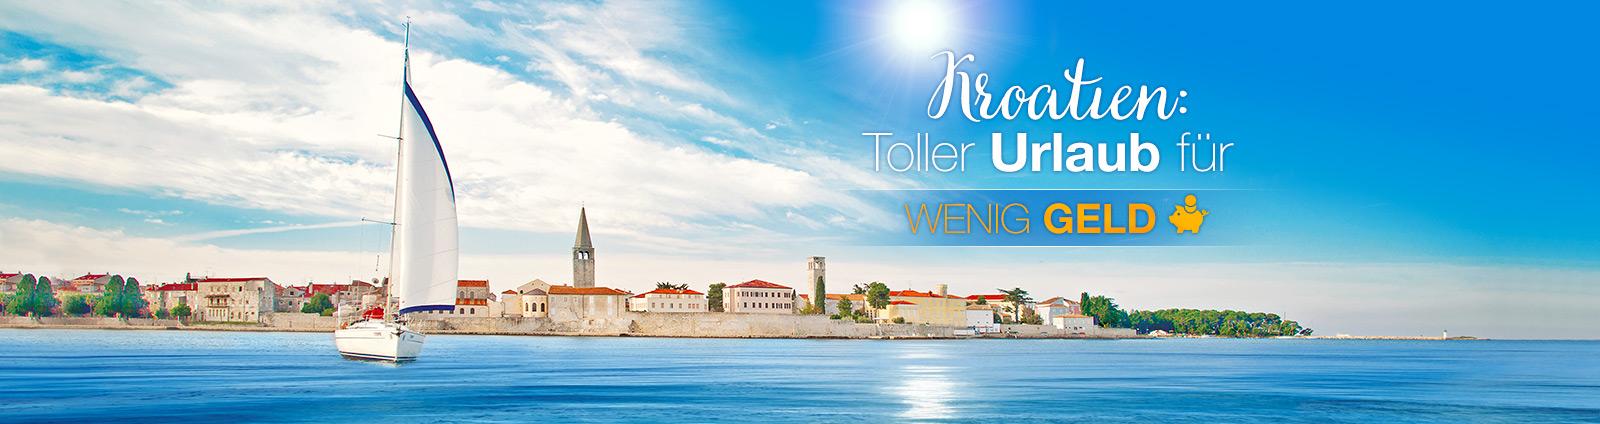 Großes Adria-Erlebnis @ low price - Valamar Hotels & Apartments, Kroatien